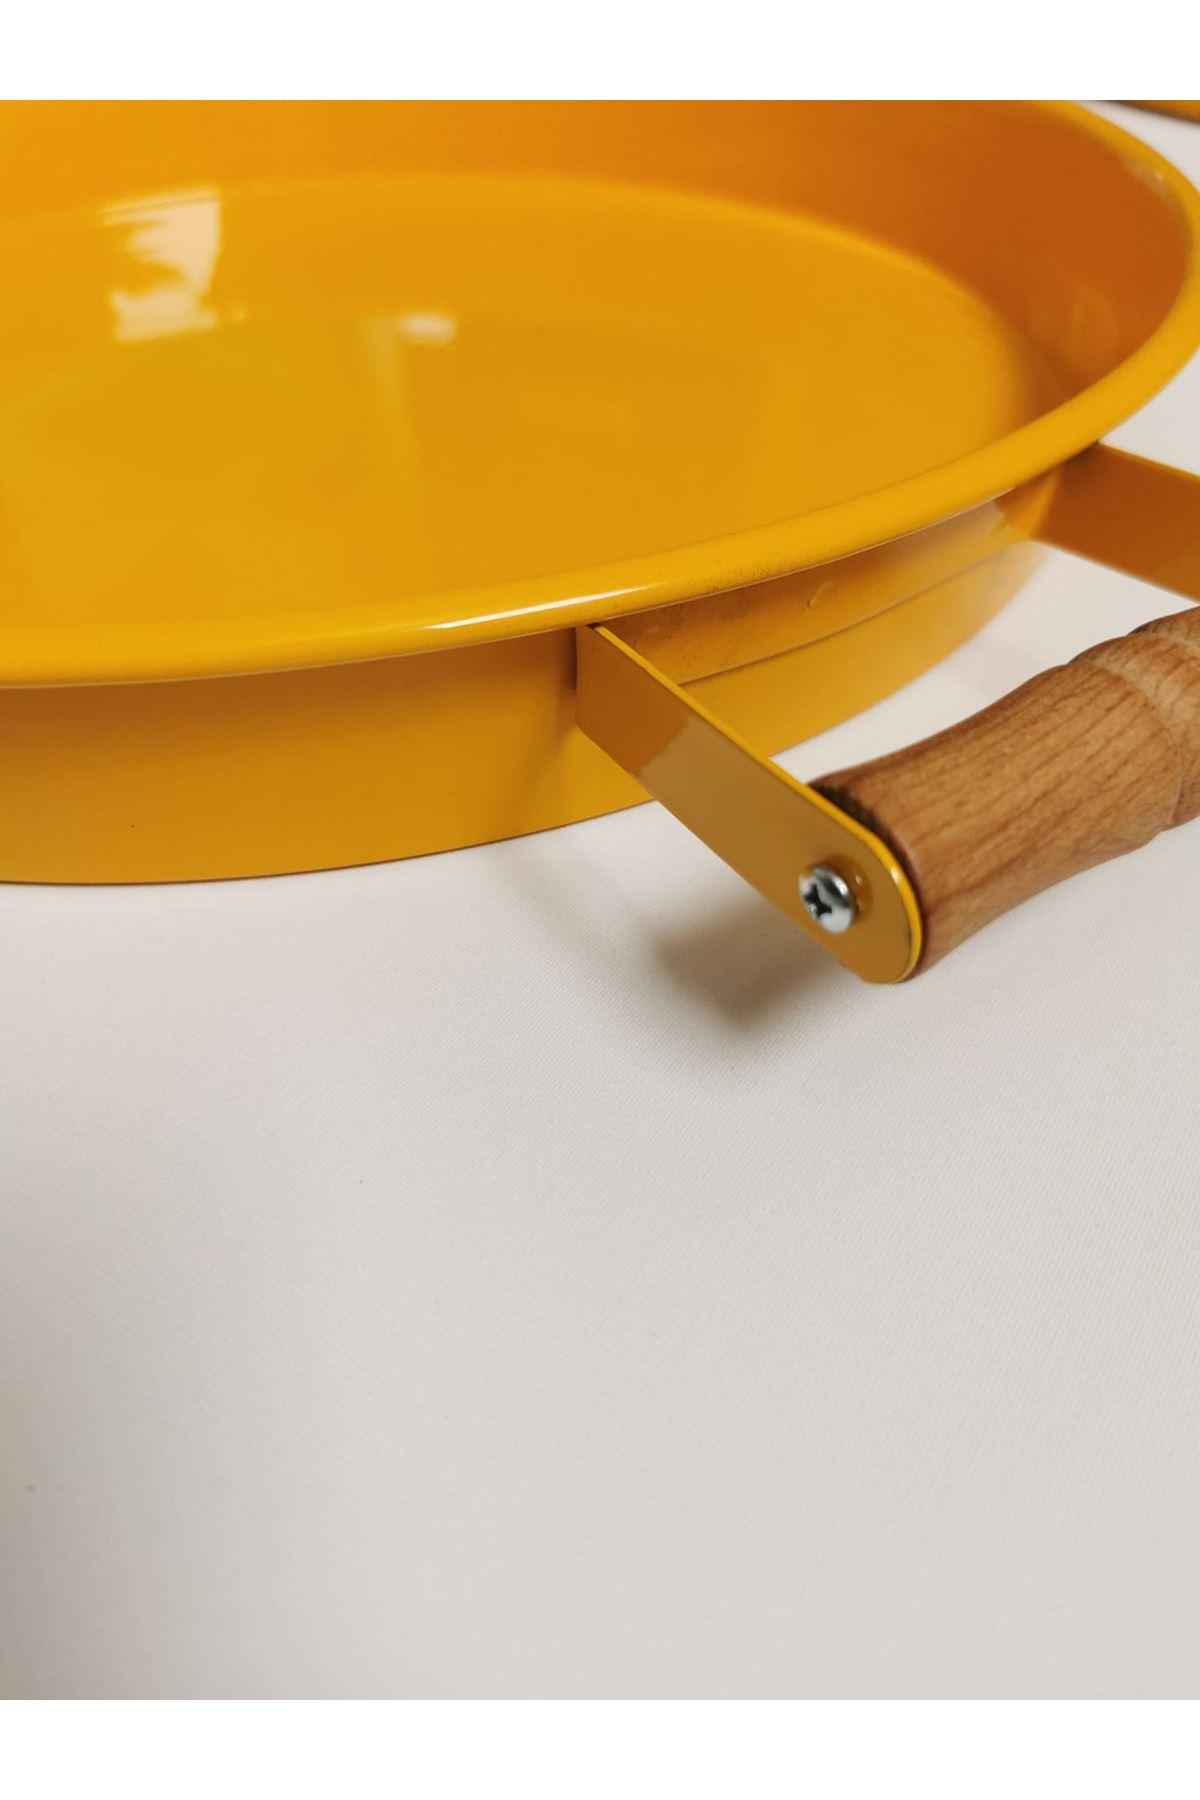 Kitchen Trend 2 Li 51 Cm ve 37 Cm  Ahşap Kulplu Metal Yuvarlak Sarı Tepsi Sunum Tepsi, Kahvaltı Tepsi